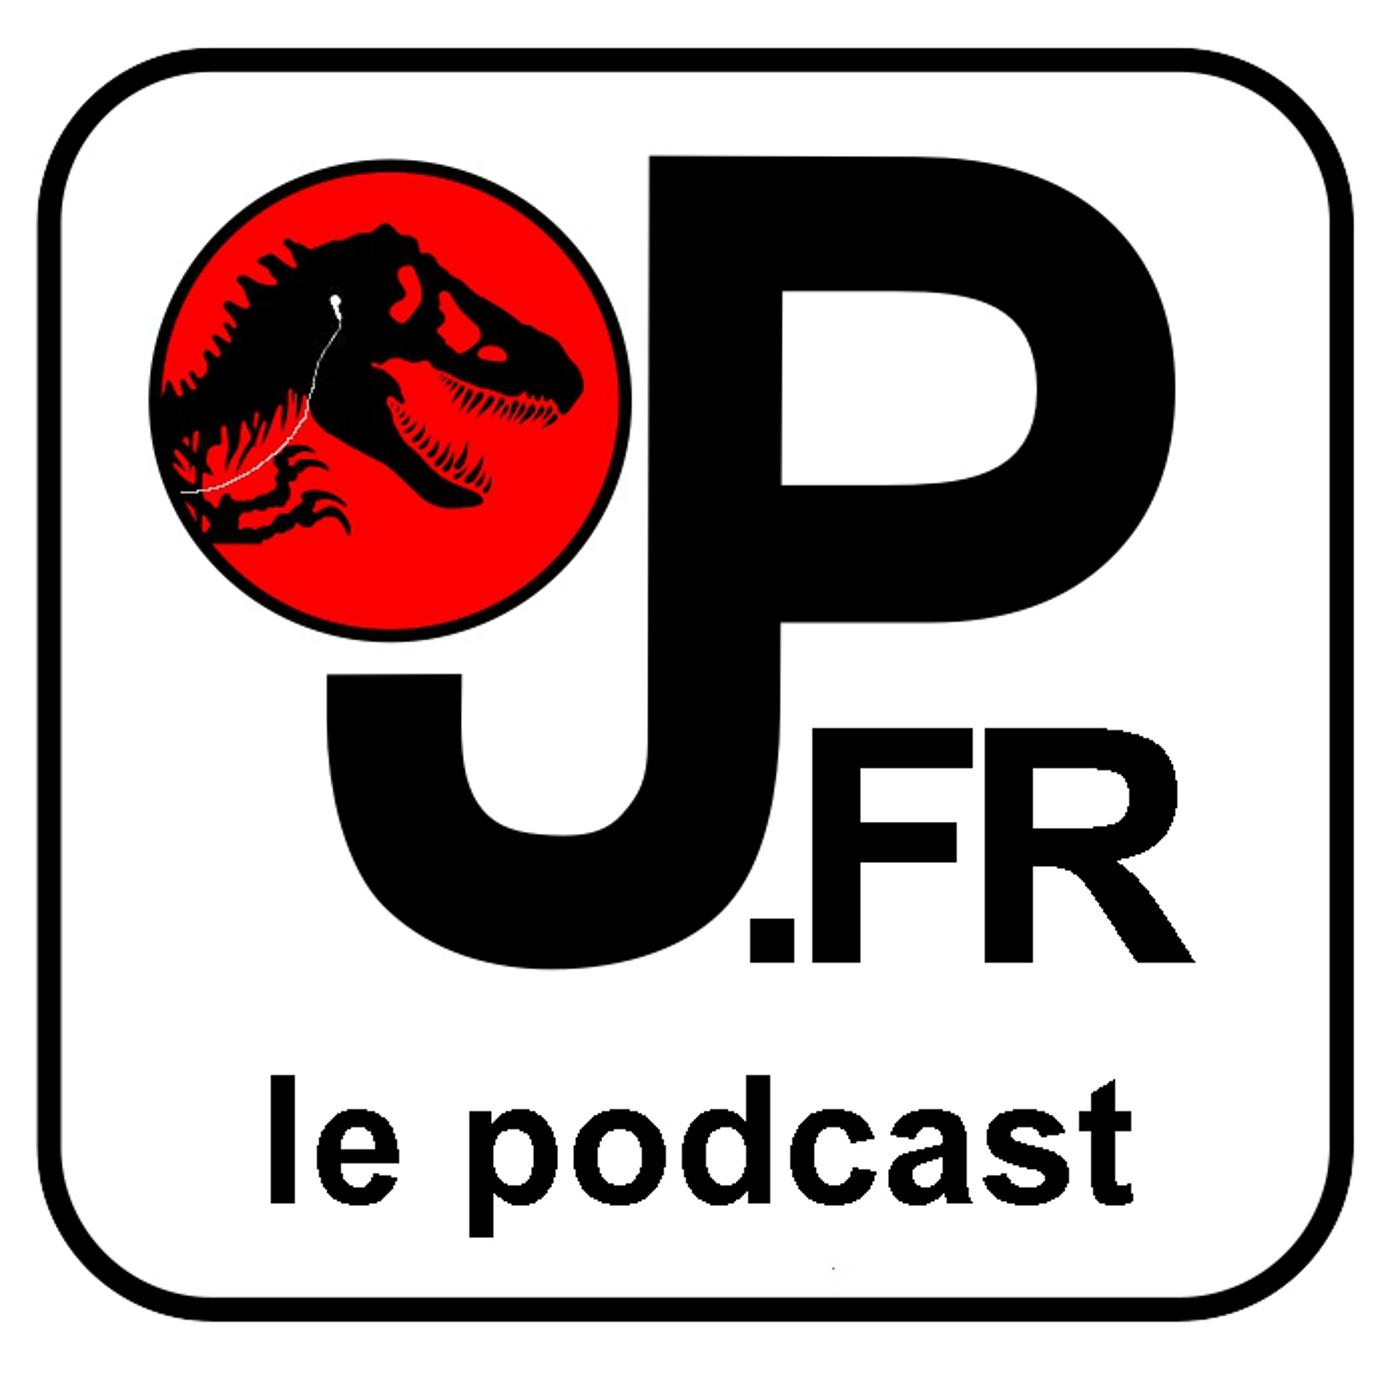 Le podcast de Jurassic Park . Fr